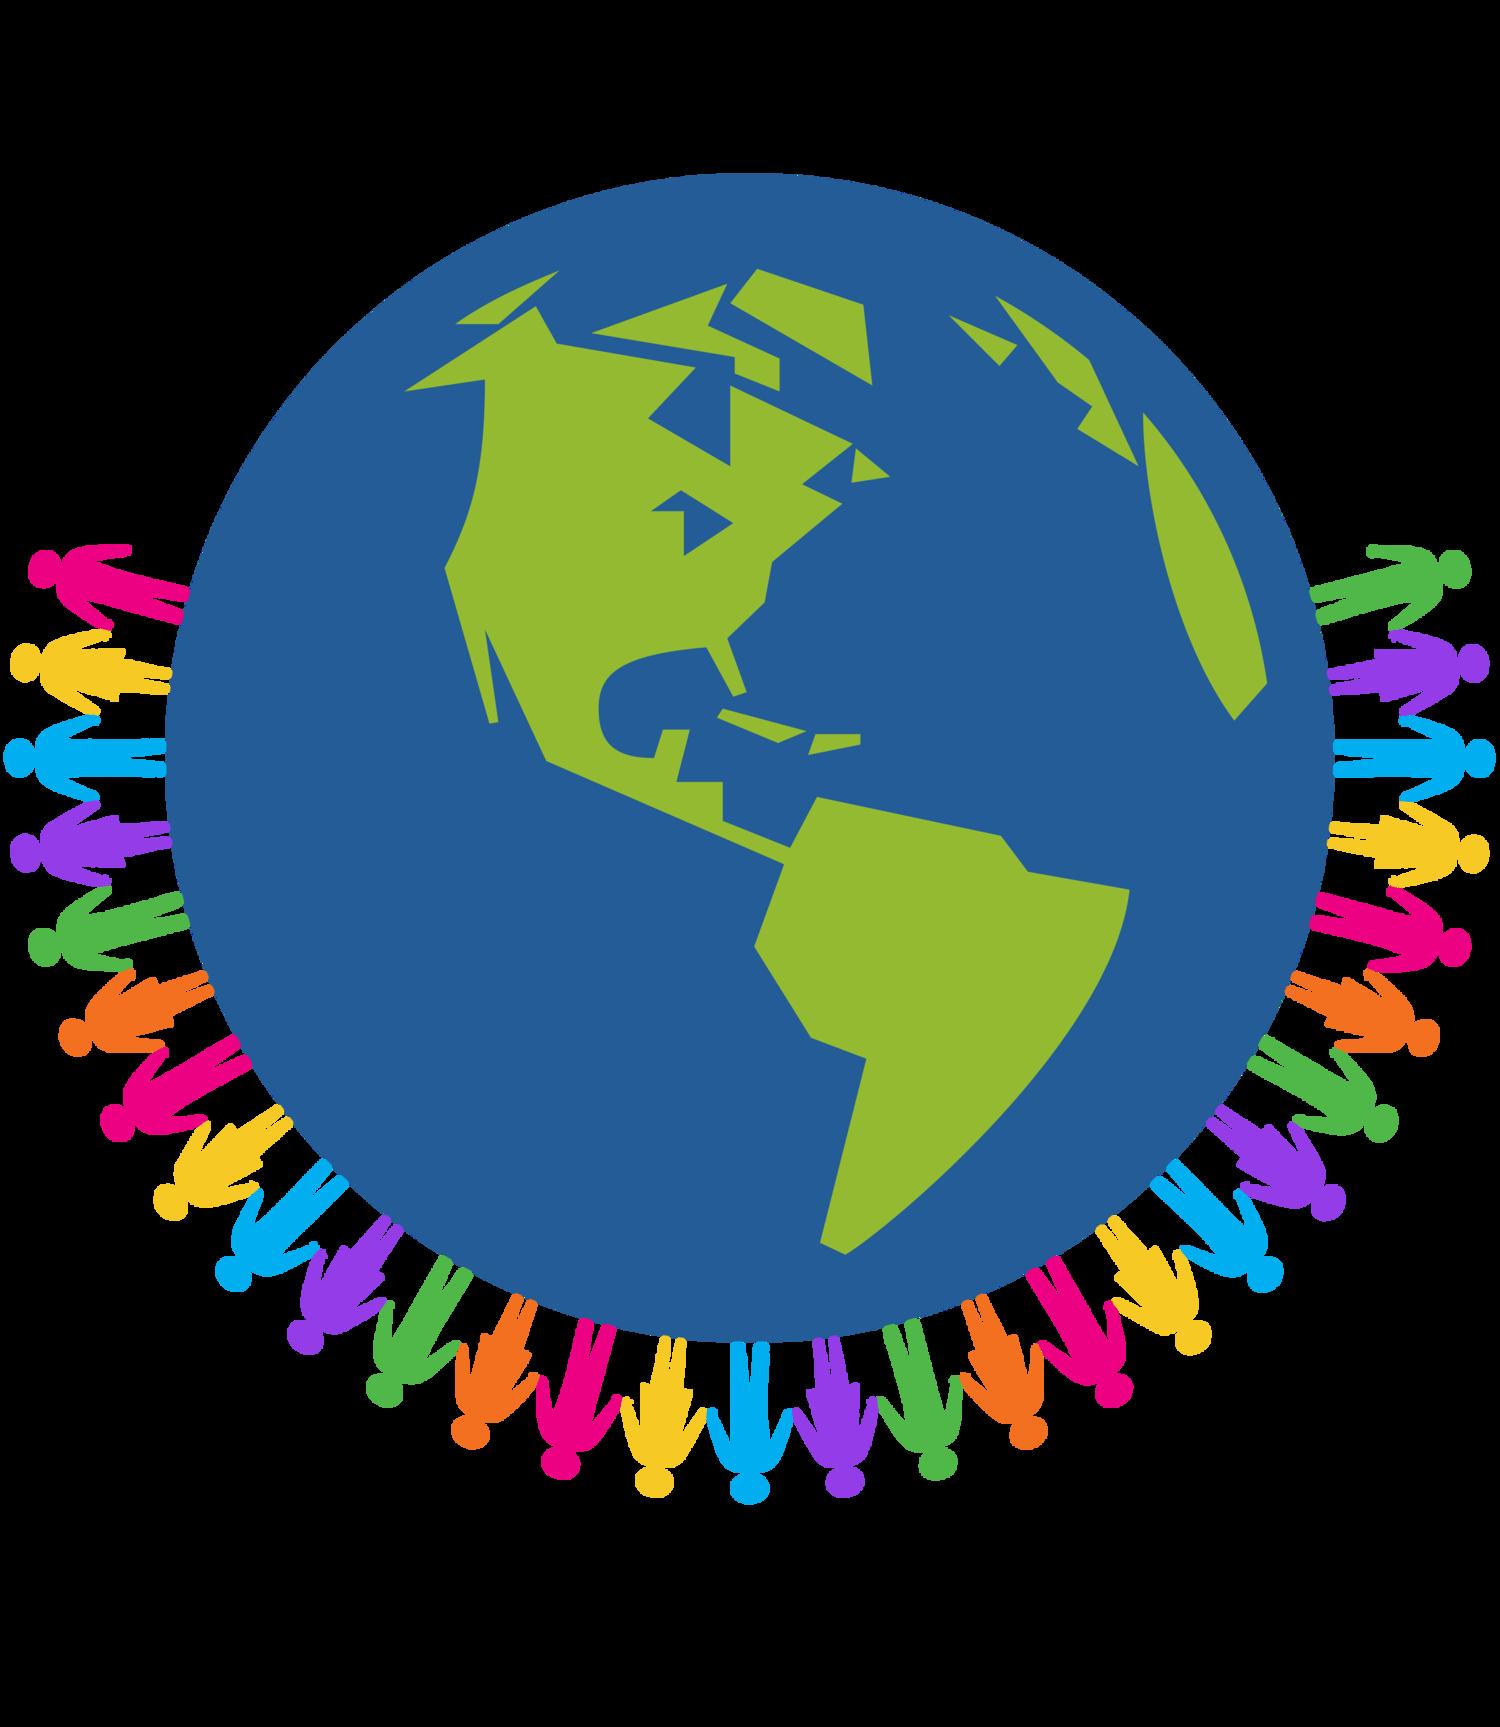 Intercambio - Starts October 5 / Comienza el 5 de Octubre Saturdays at Venetia Valley SchoolSábados en Escuela Venetia Valley10:30 a.m. - 12:00 p.m.Practice English / Practicar InglésPractice Spanish / Practicar Español